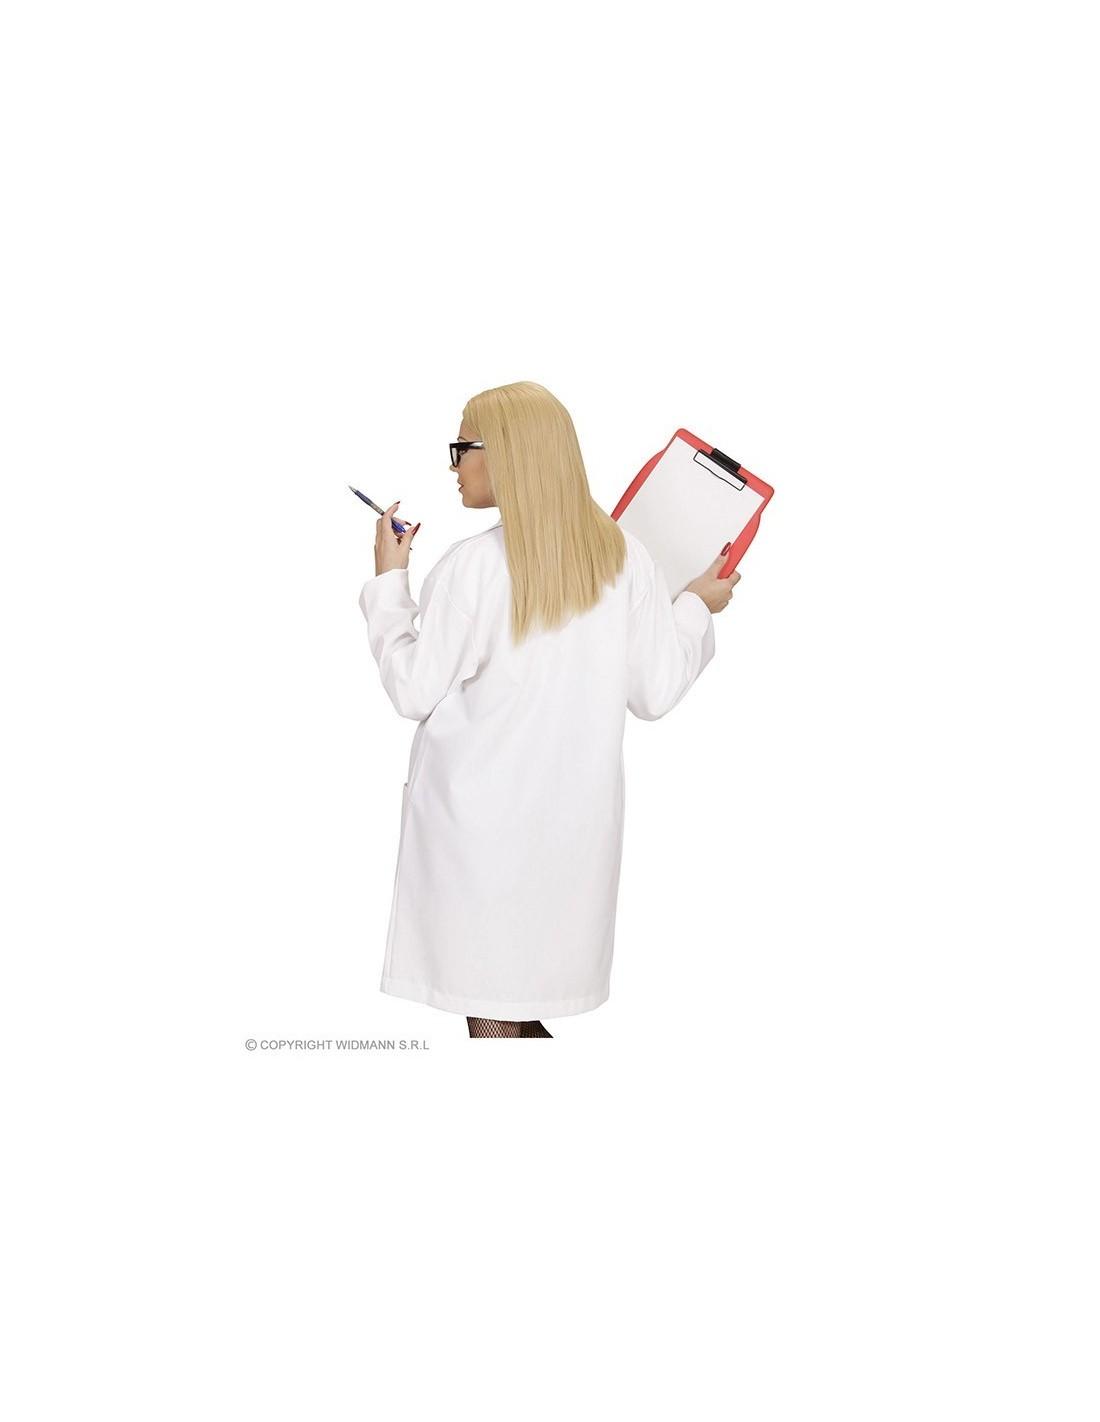 d85b0399484 Αποκριάτικη σέξυ στολή γιατρού- αποκριάτικα